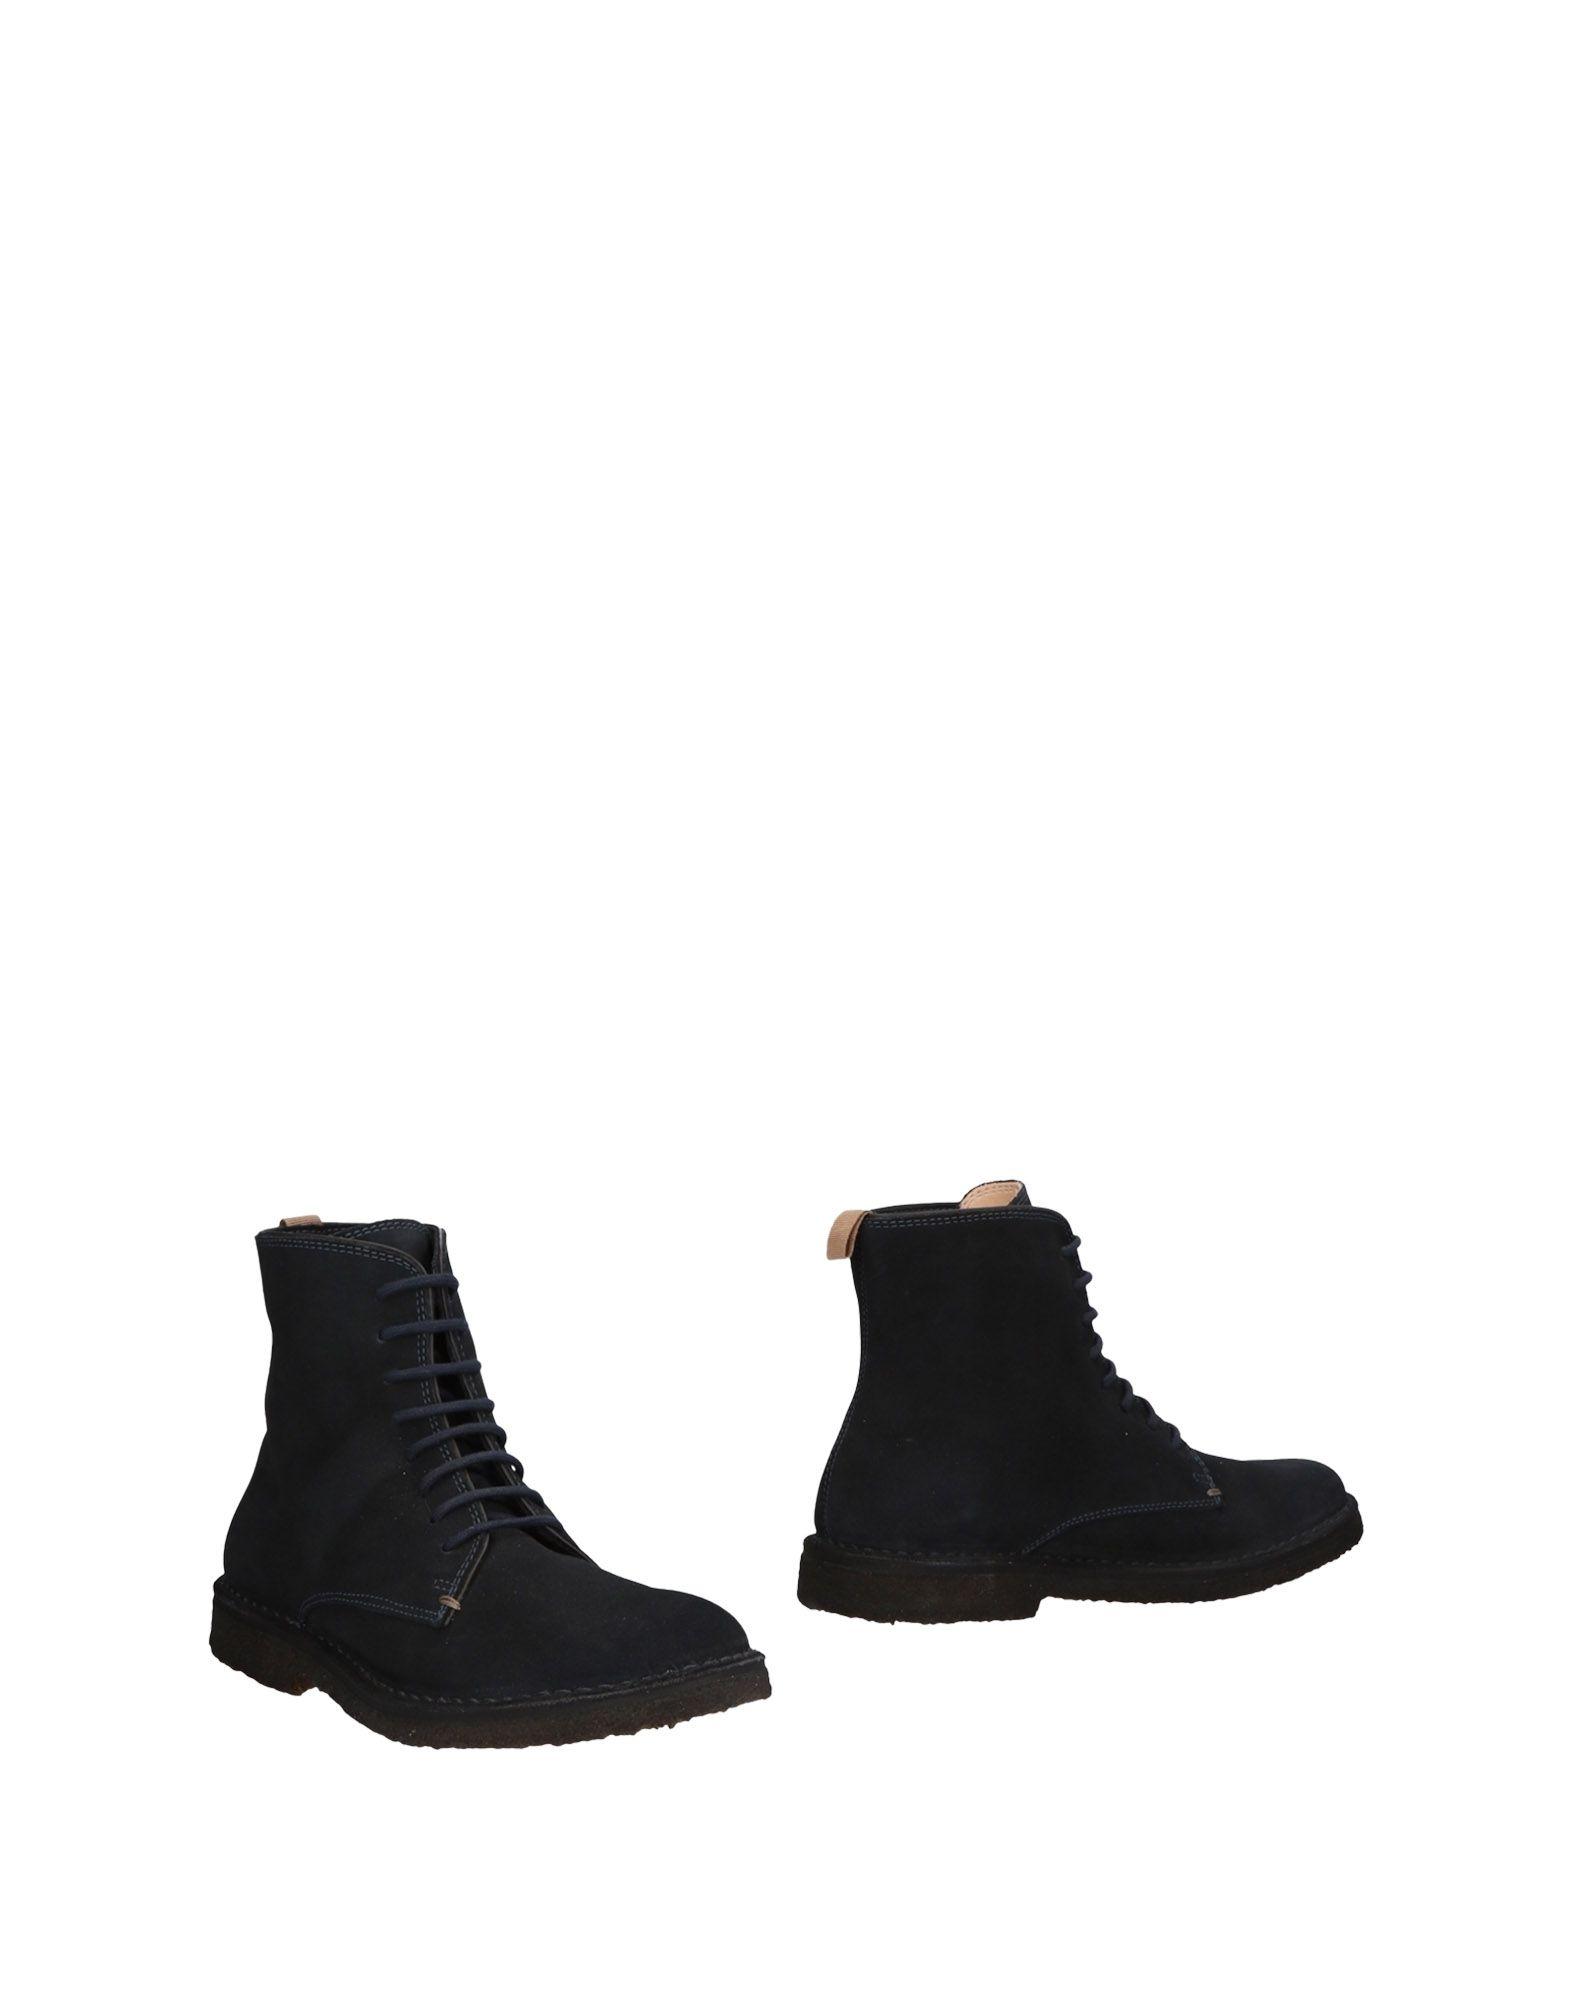 Haltbare Mode Schuhe billige Schuhe Mode Astorflex® Stiefelette Herren  11471460SH Heiße Schuhe c2a2bc